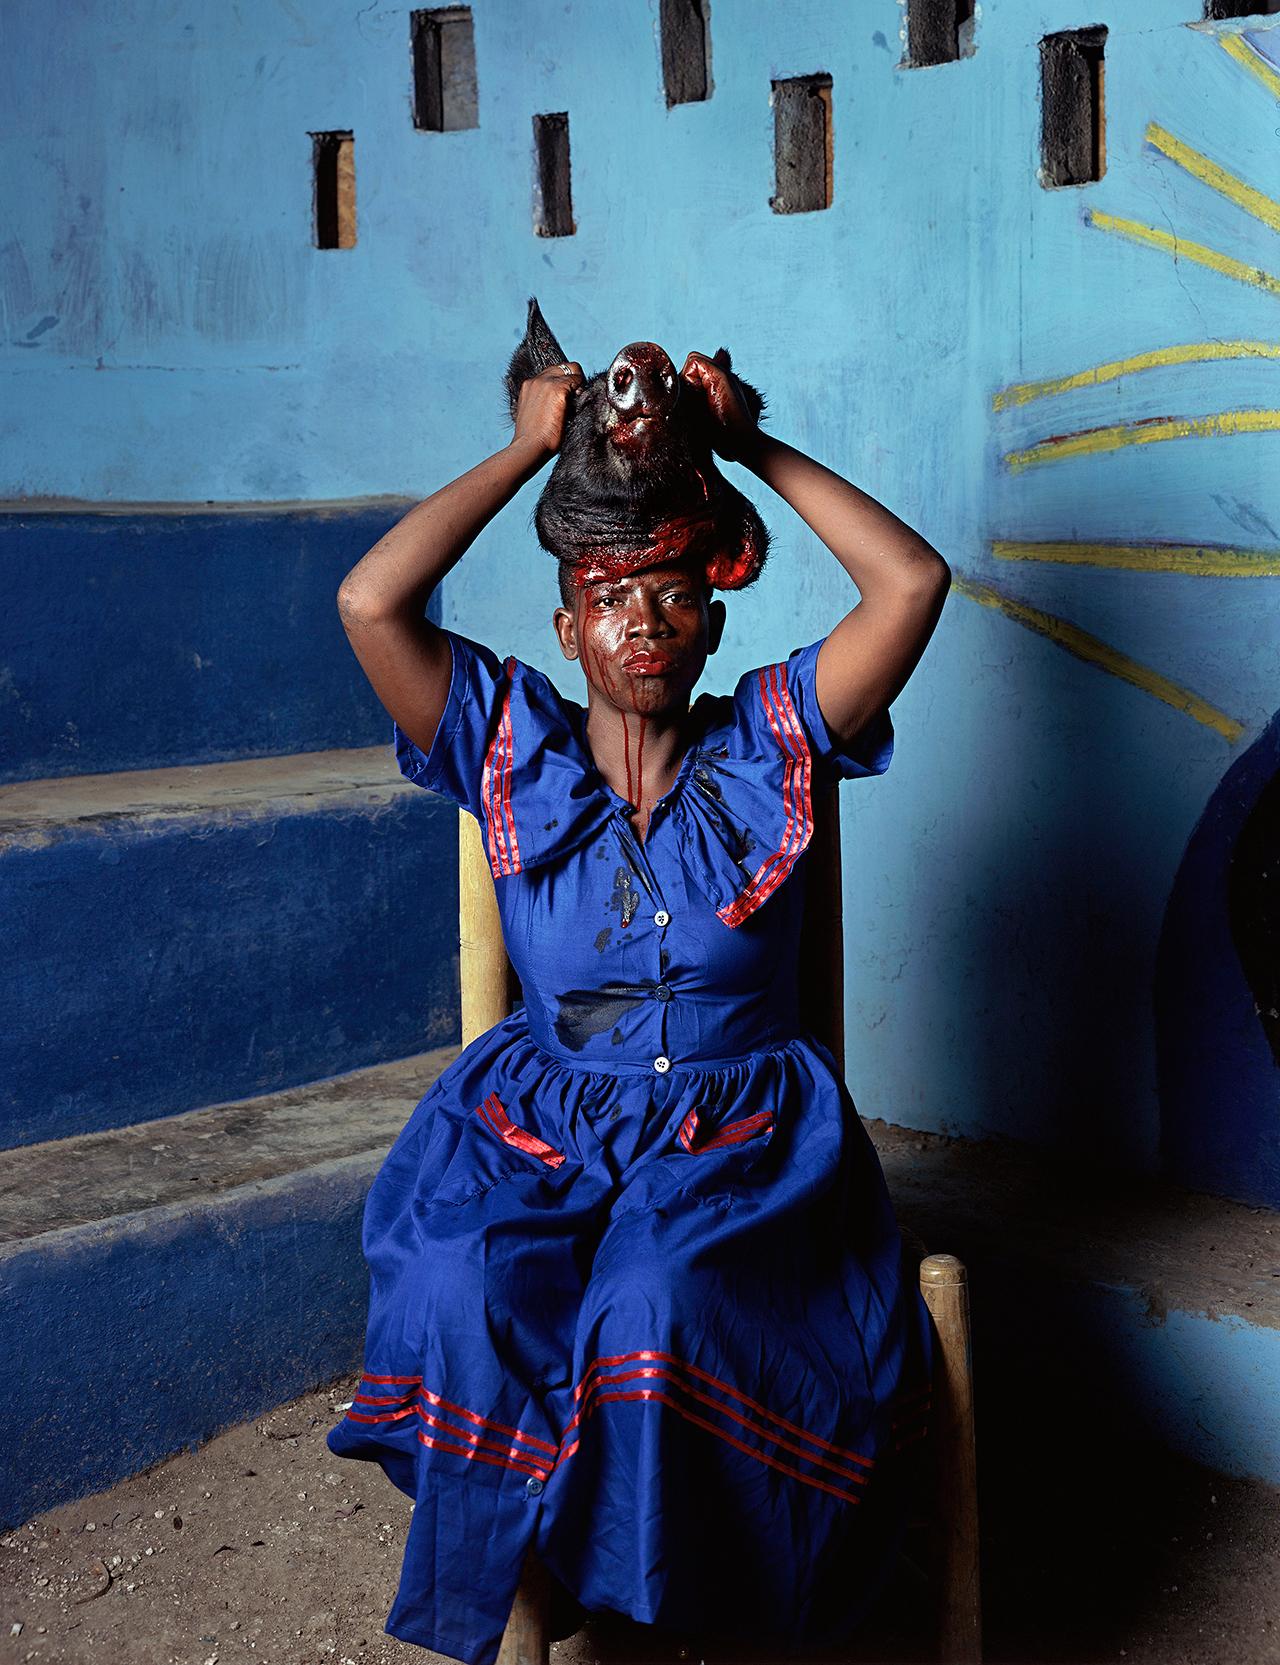 """Deana Lawson, """"As Above So Below, Port-au-Prince, Haiti"""" (2013) (© Deana Lawson, courtesy Rhona Hoffman Gallery, Chicago)"""